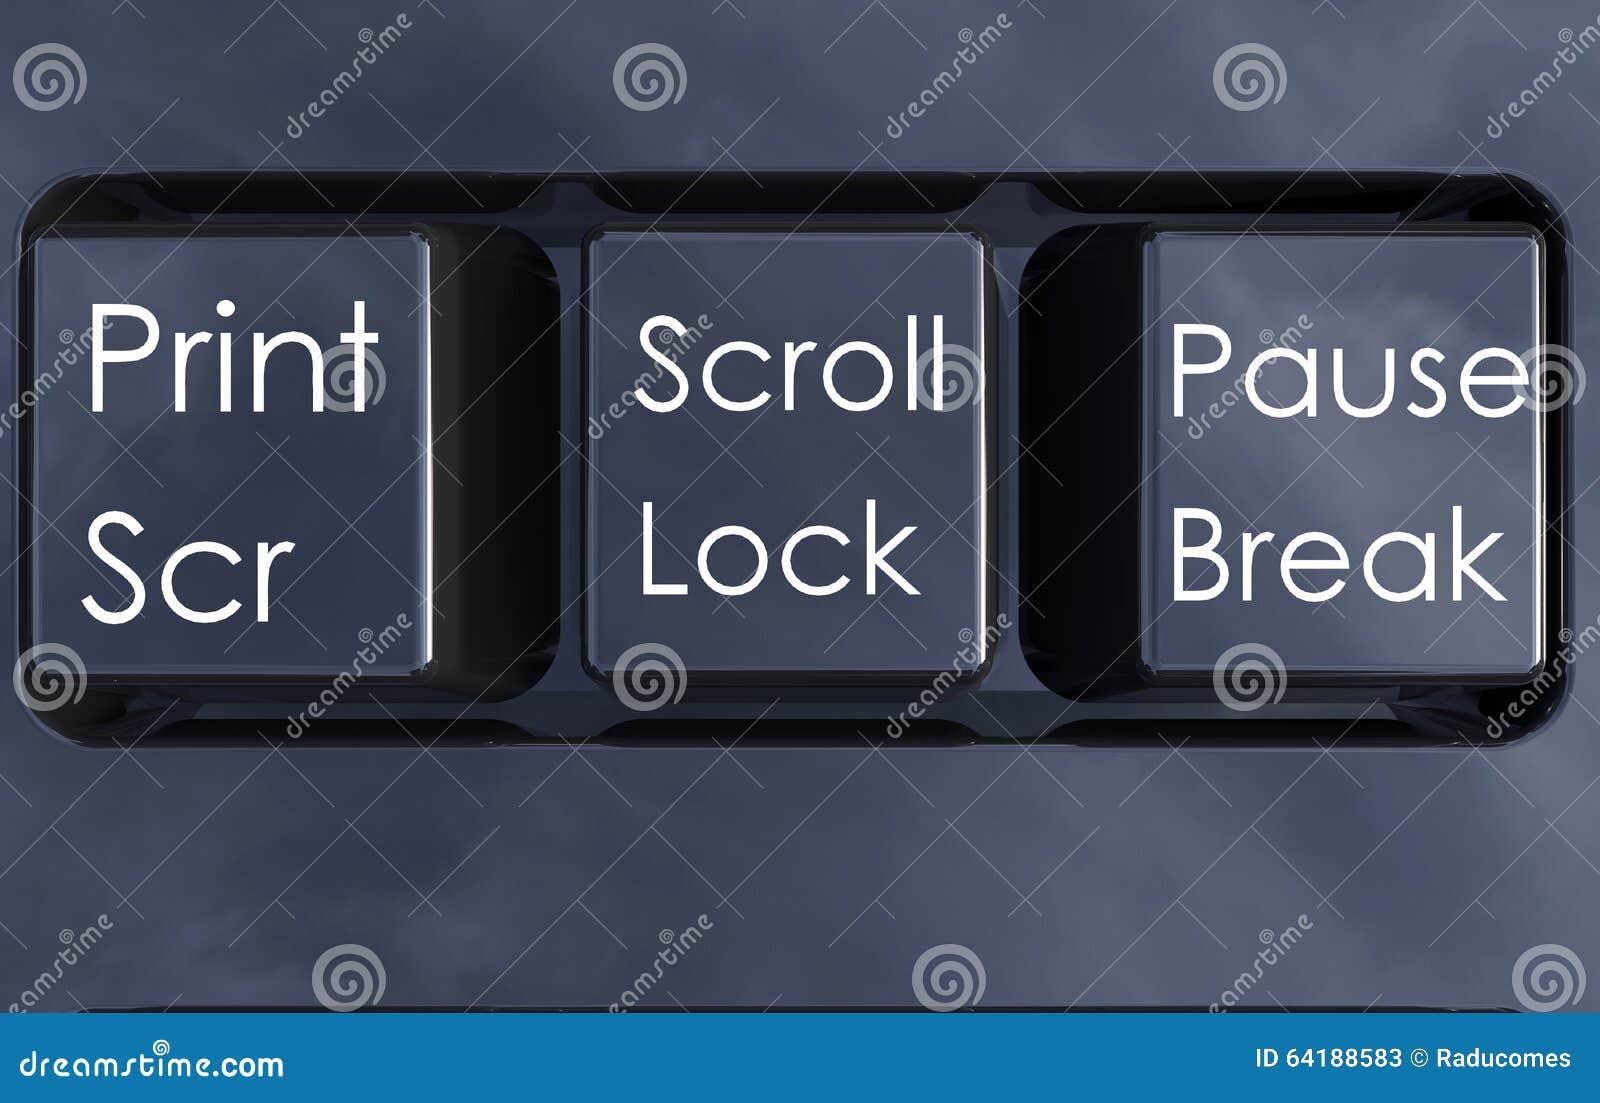 Botões isolados do teclado